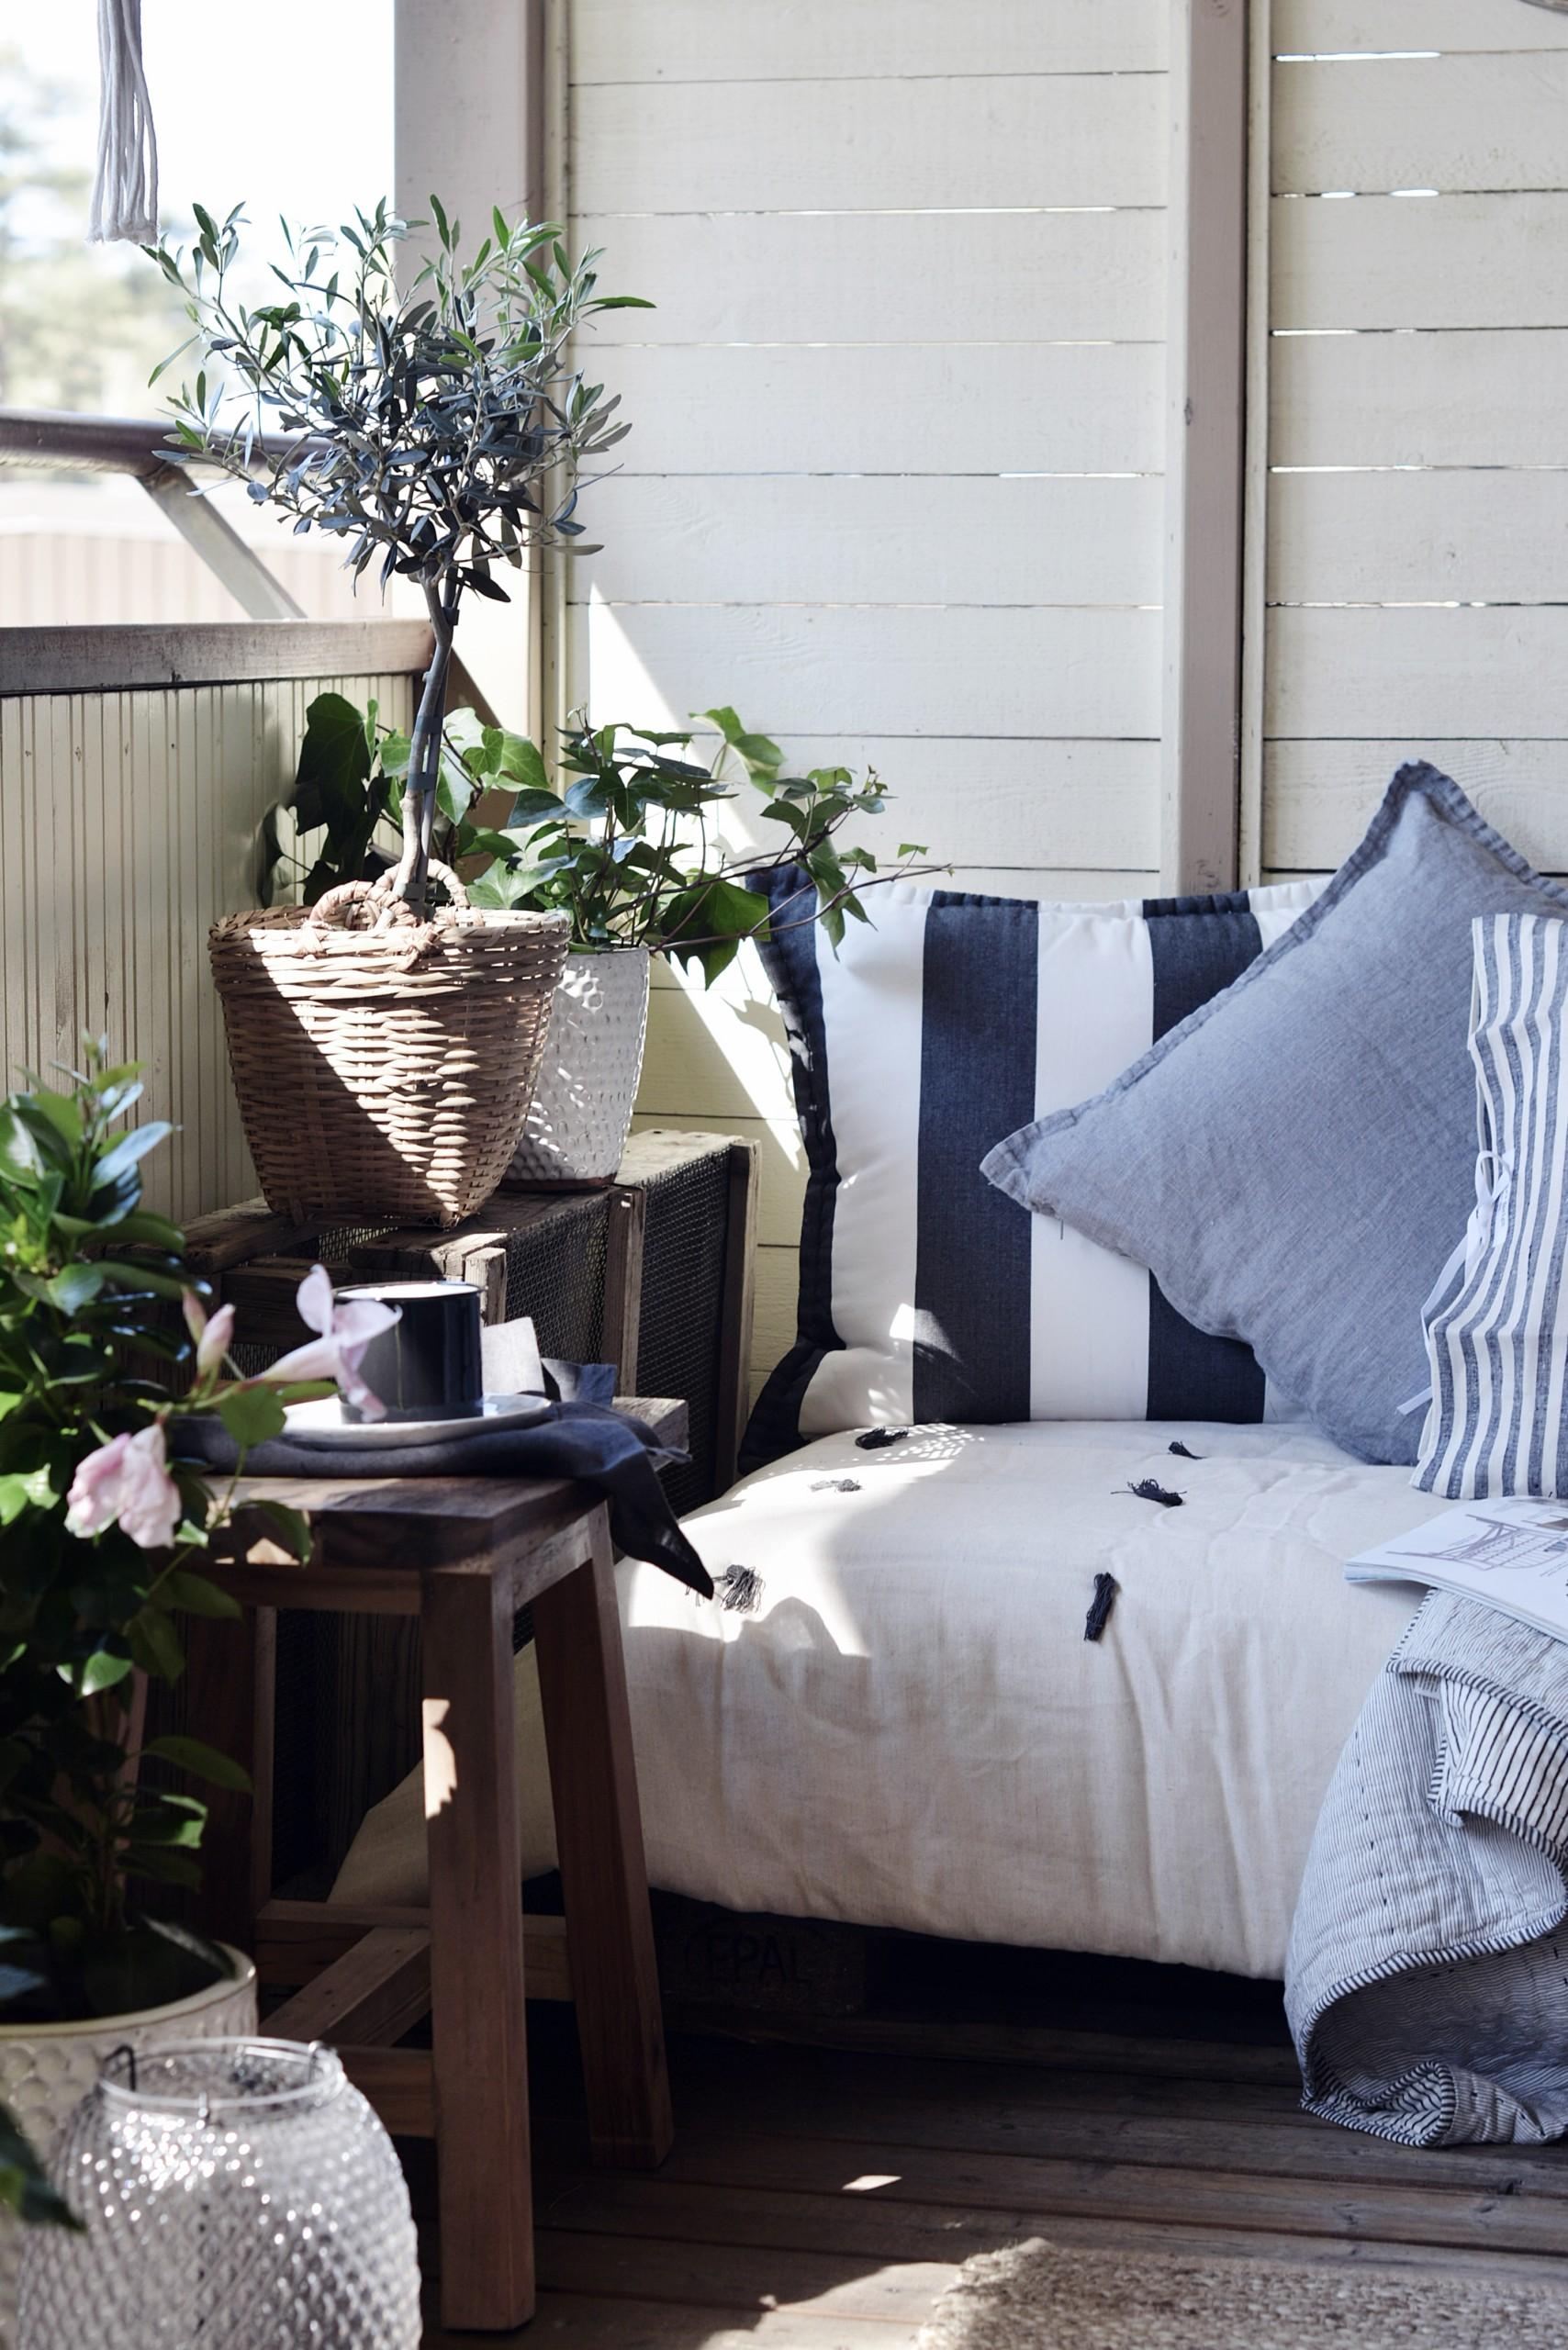 kesähuone tehdään tekstiileillä ja viherkasveilla